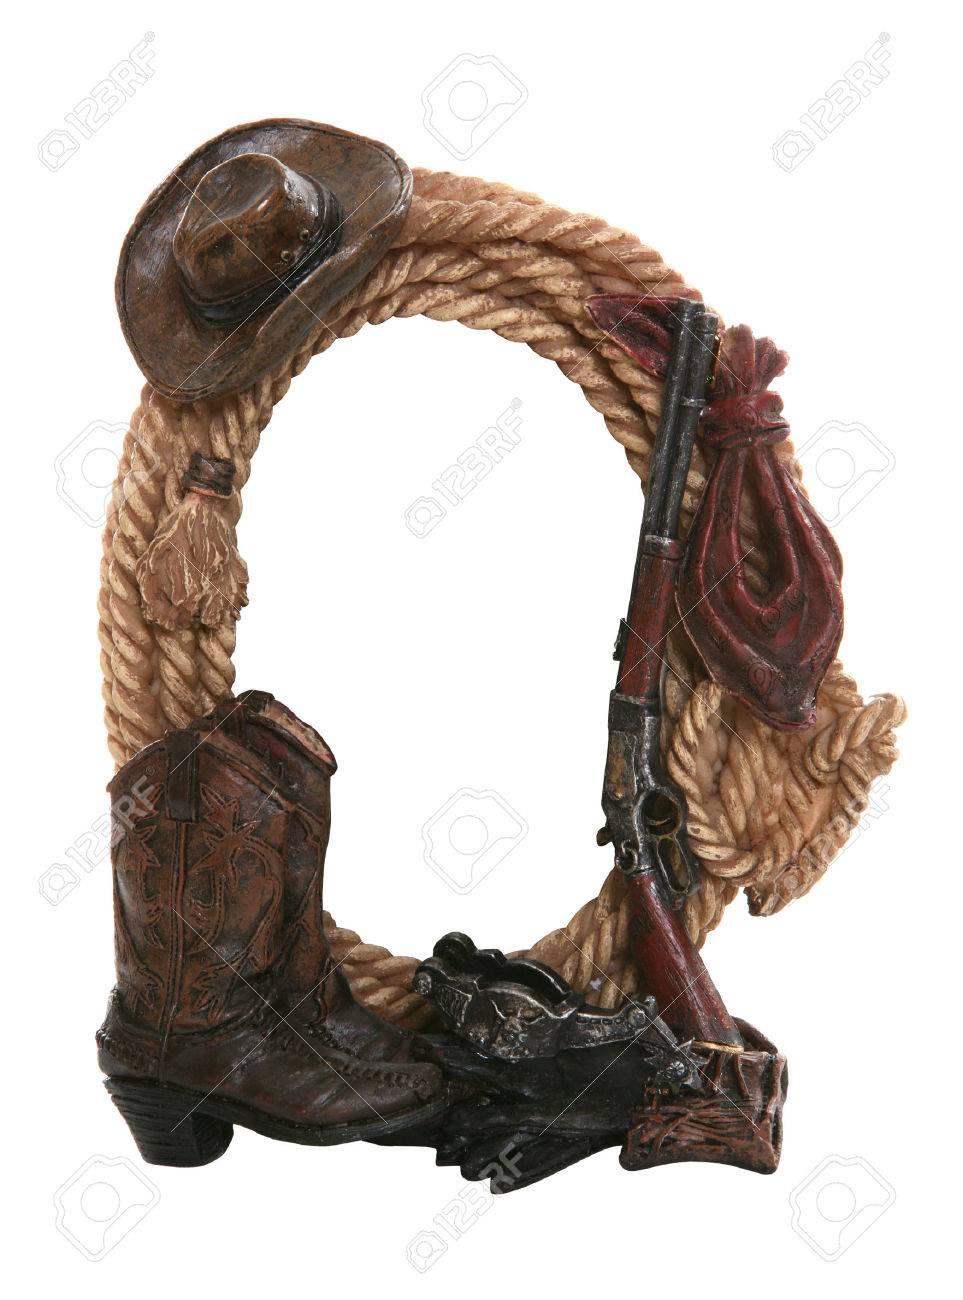 Ein Cowboy-themed Bilderrahmen Hintrgrund Isoliert Weiß Lizenzfreie ...